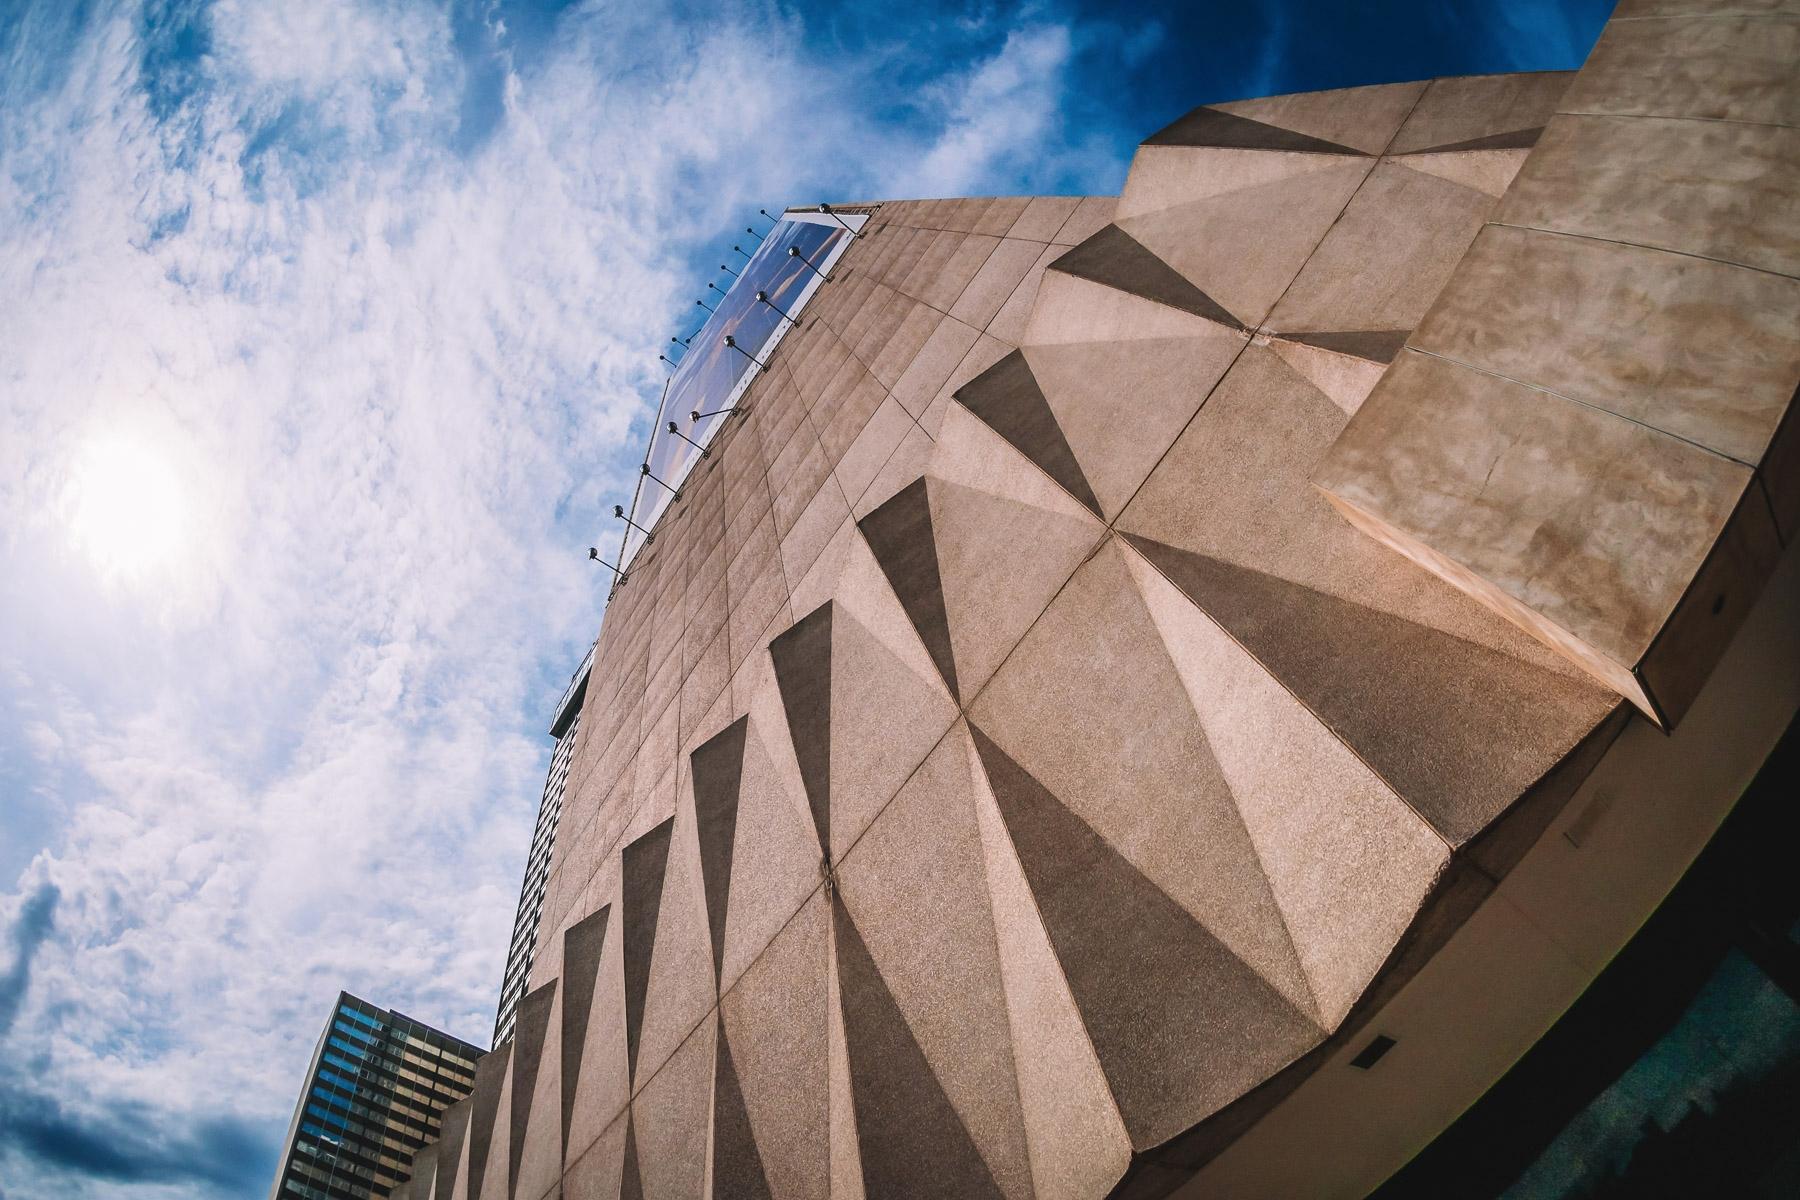 Concrete Folds Architectural de - mattgharvey | ello